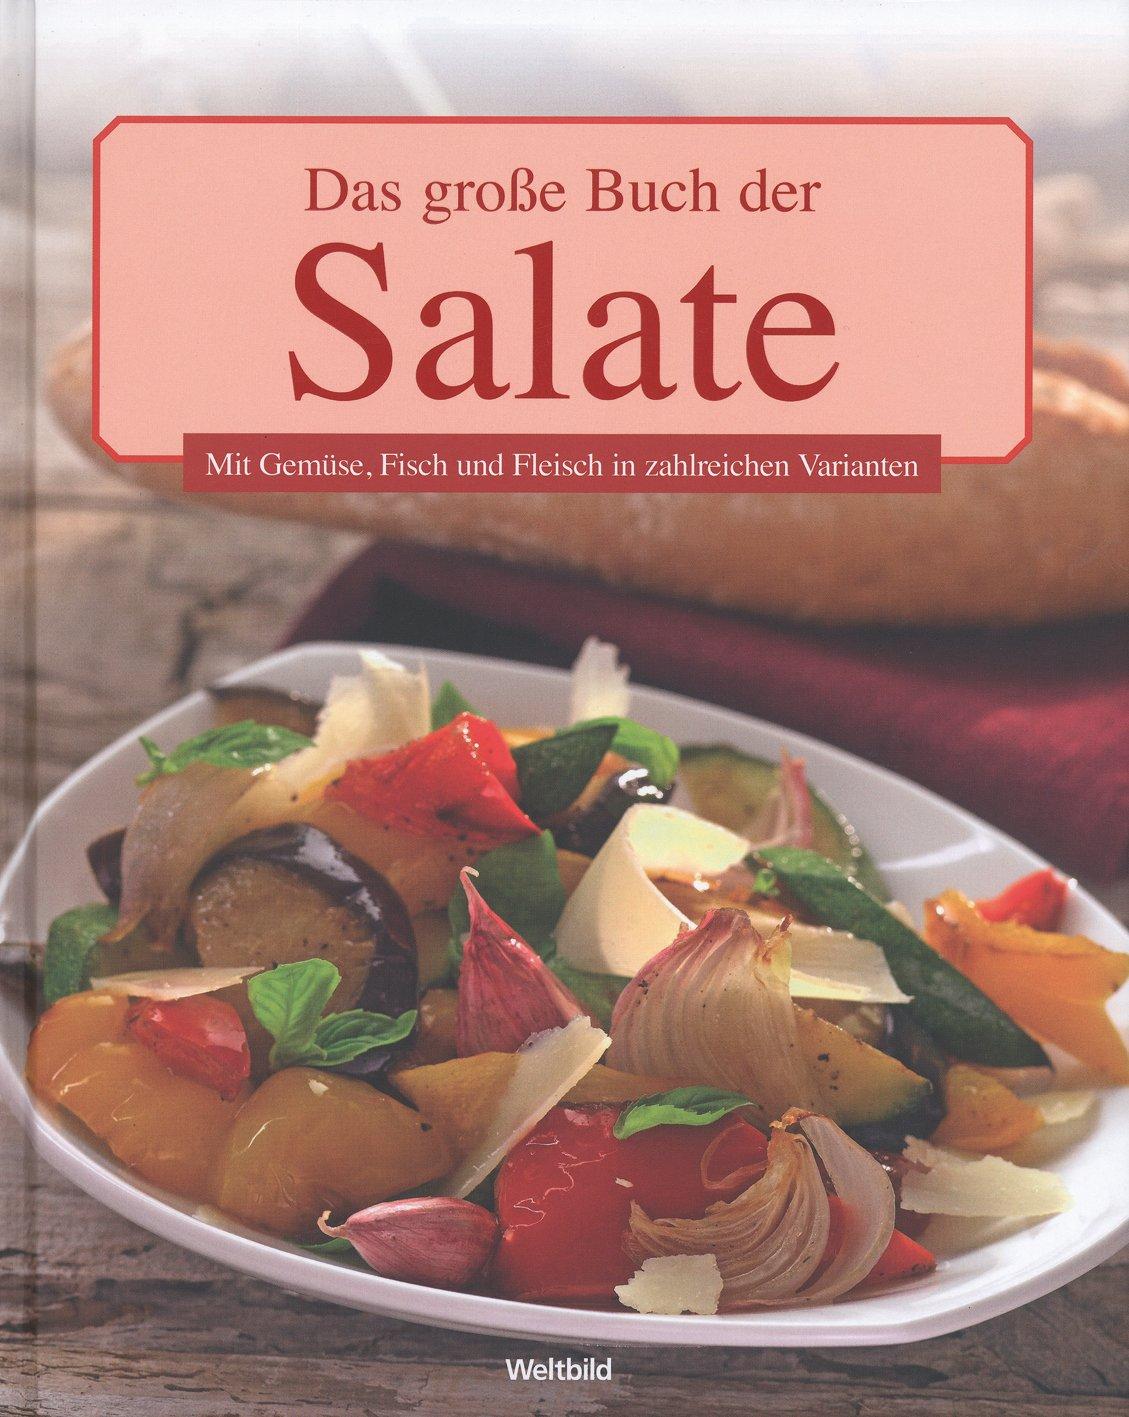 Das große Buch der Salate: Mit Gemüse, Fisch und Fleisch in zahlreichen Varianten